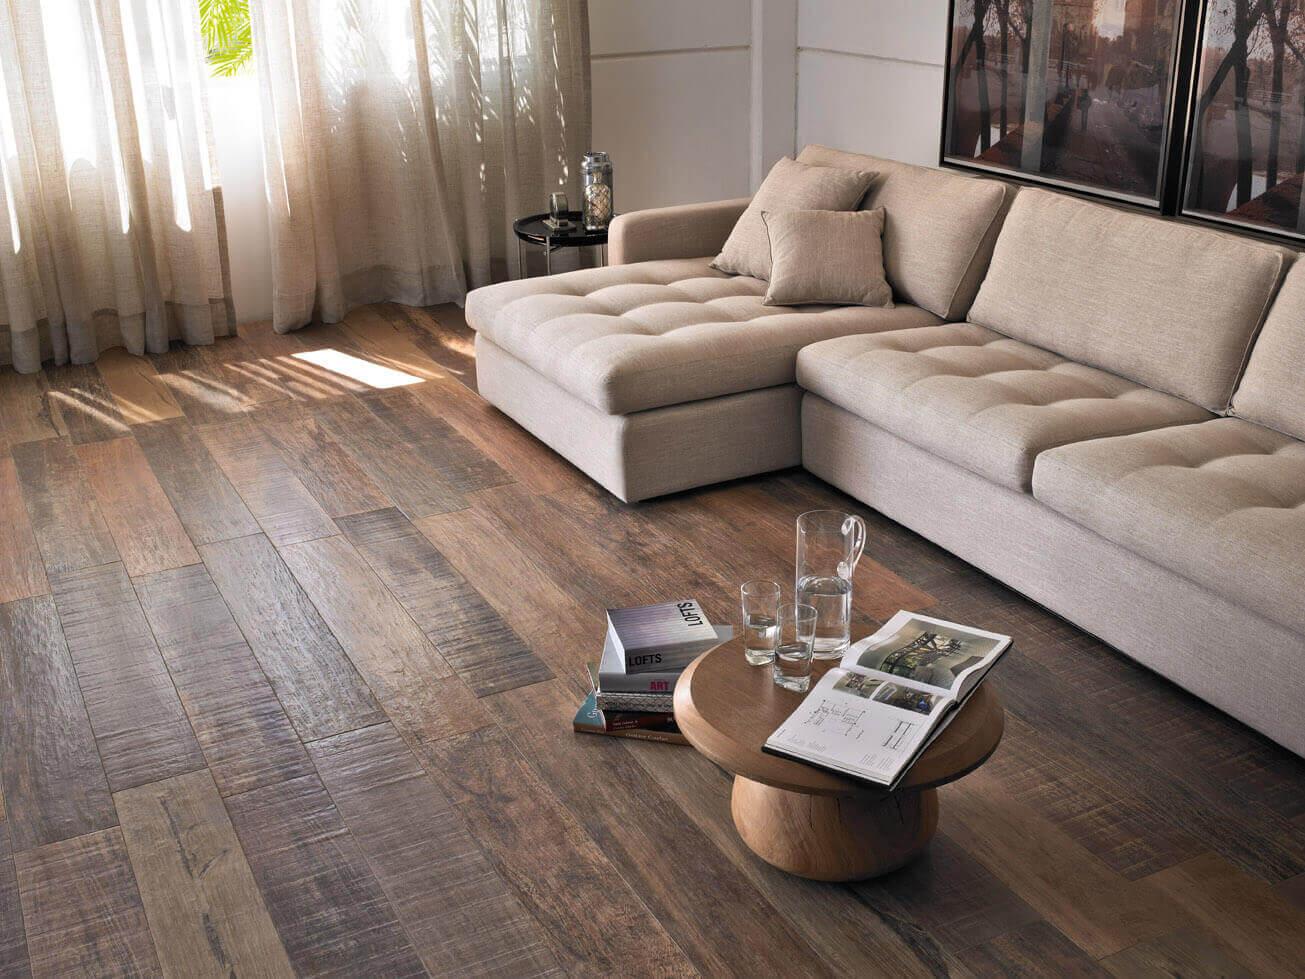 Esse piso usa Porcelanato da Portobello que imita a madeira  #9FA922 1305 979